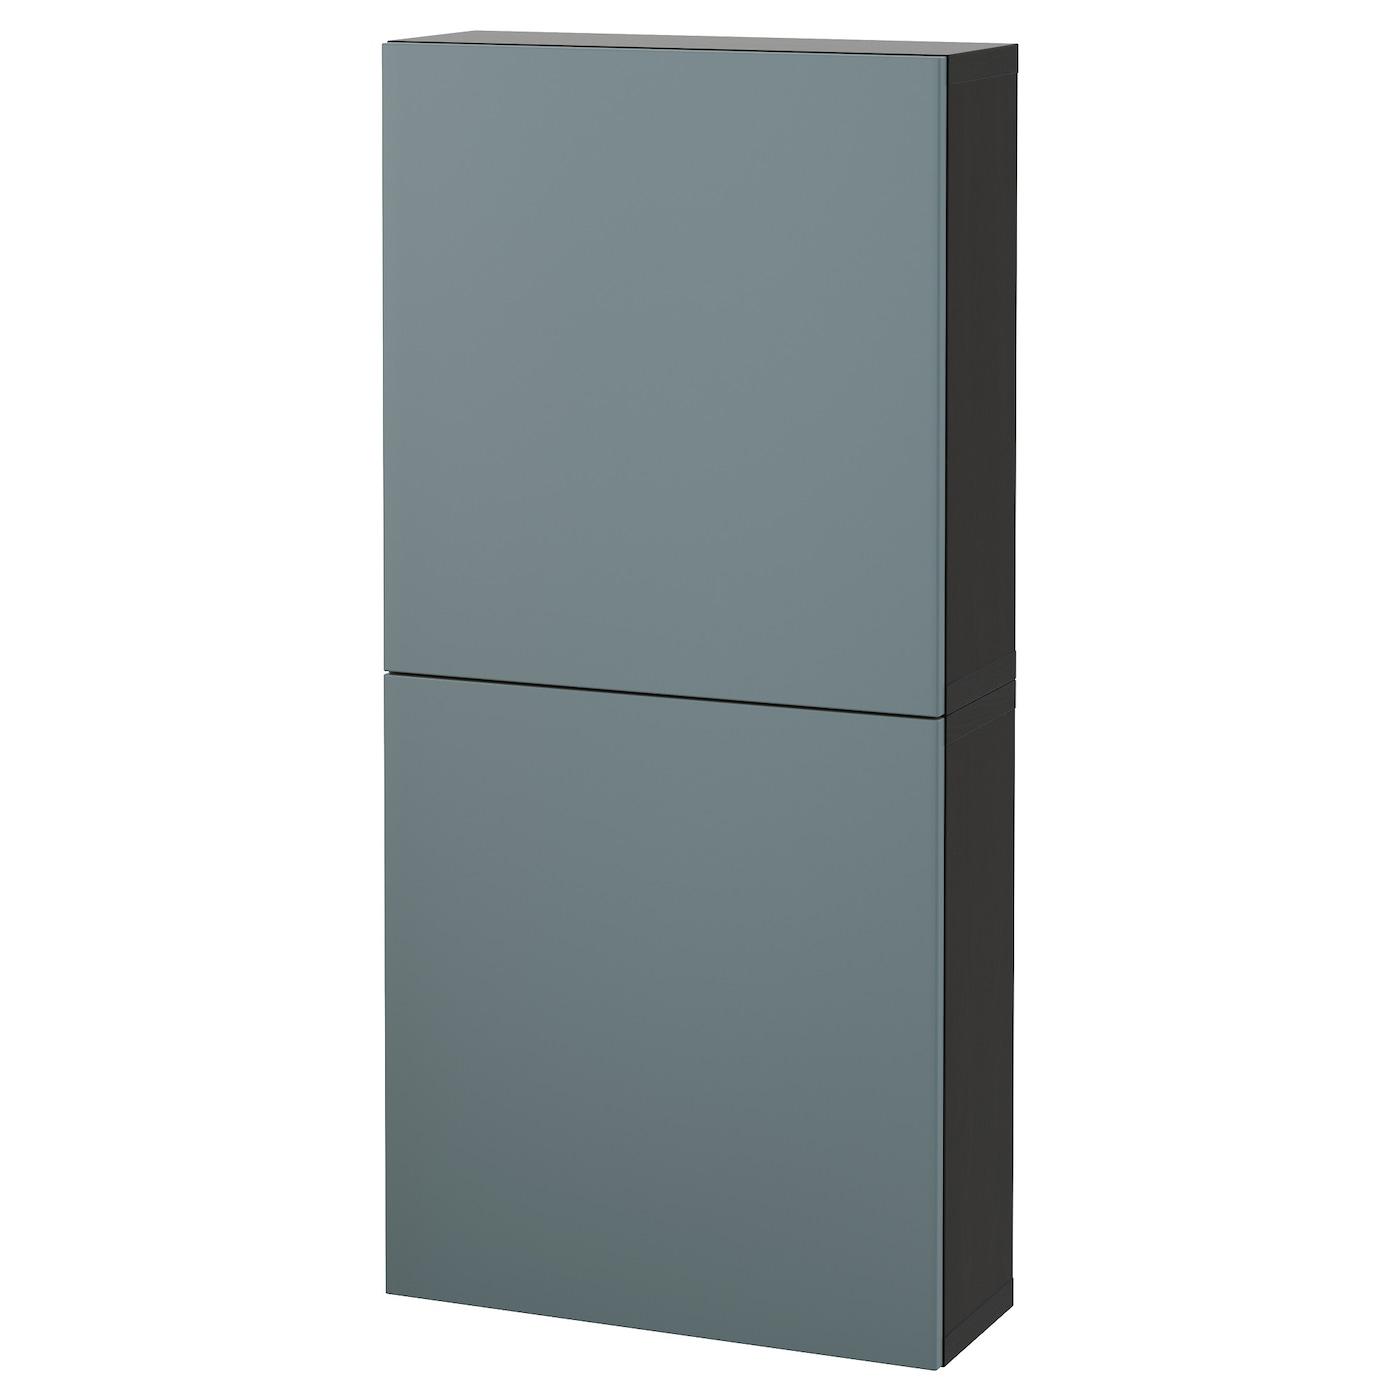 Best 197 Wall Cabinet With 2 Doors Black Brown Valviken Grey